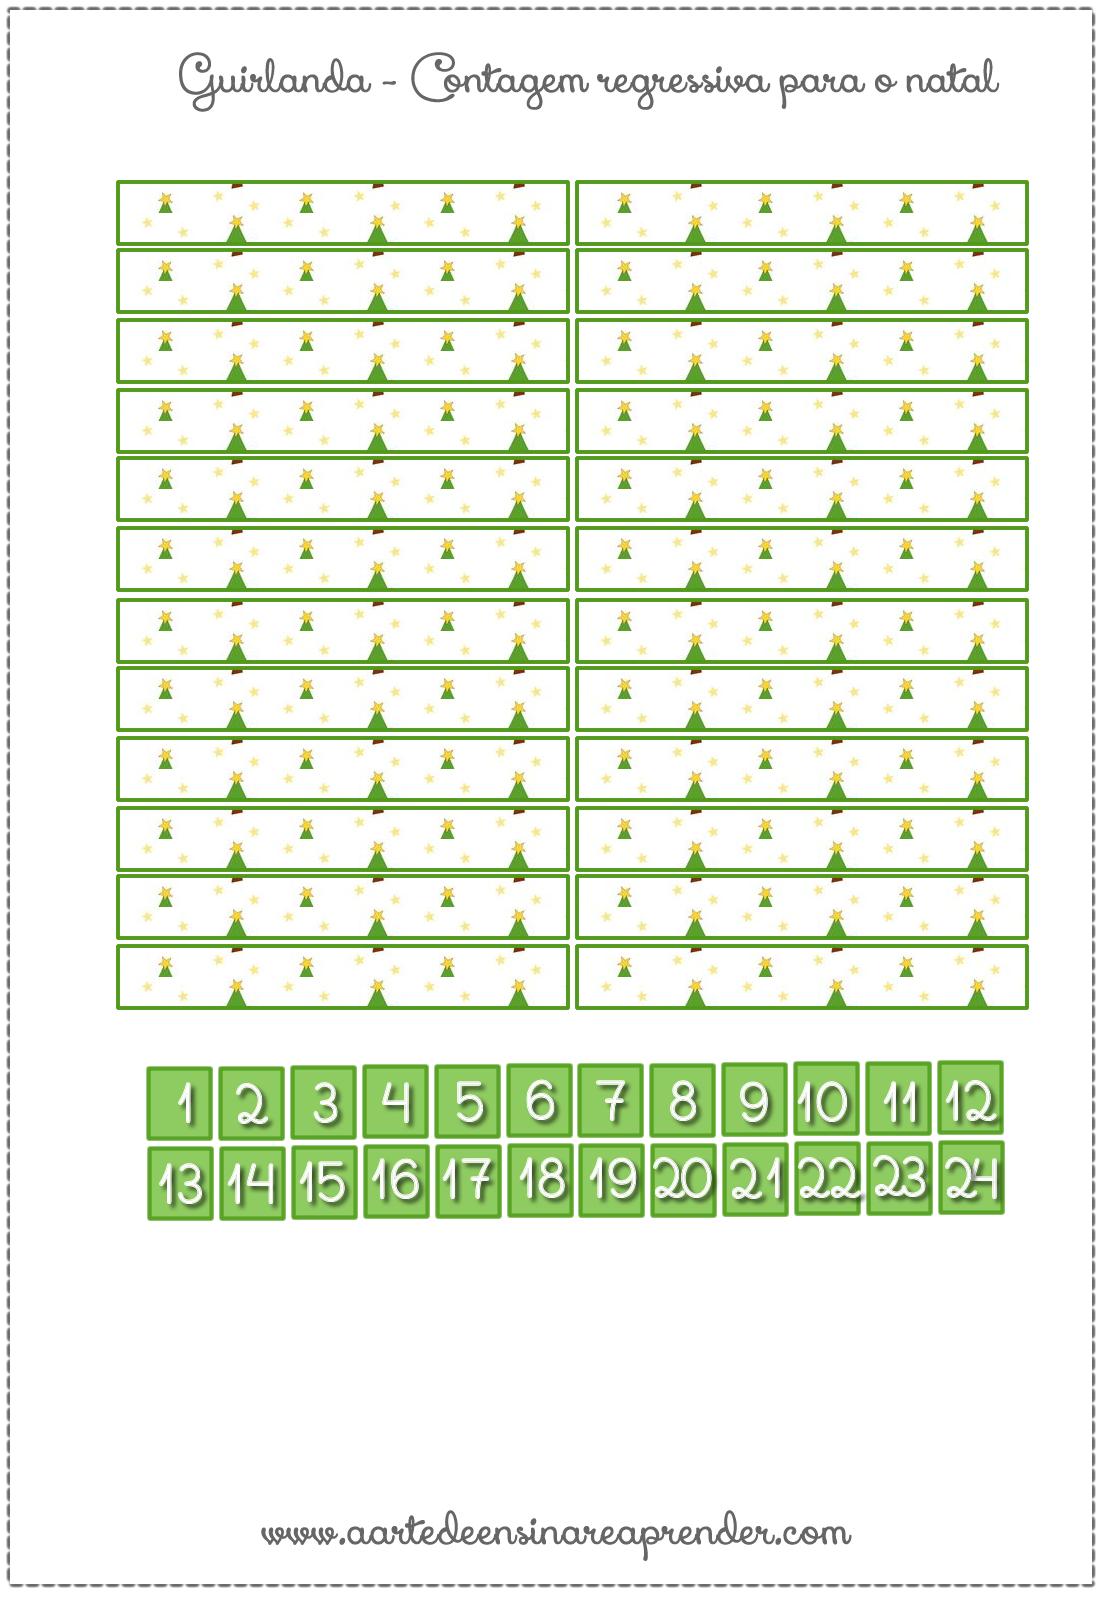 Vamos aprender brincando com esta guirlanda de pirulitos que forma um calendário e conta os dias para a chegada do natal. Pratica a c...